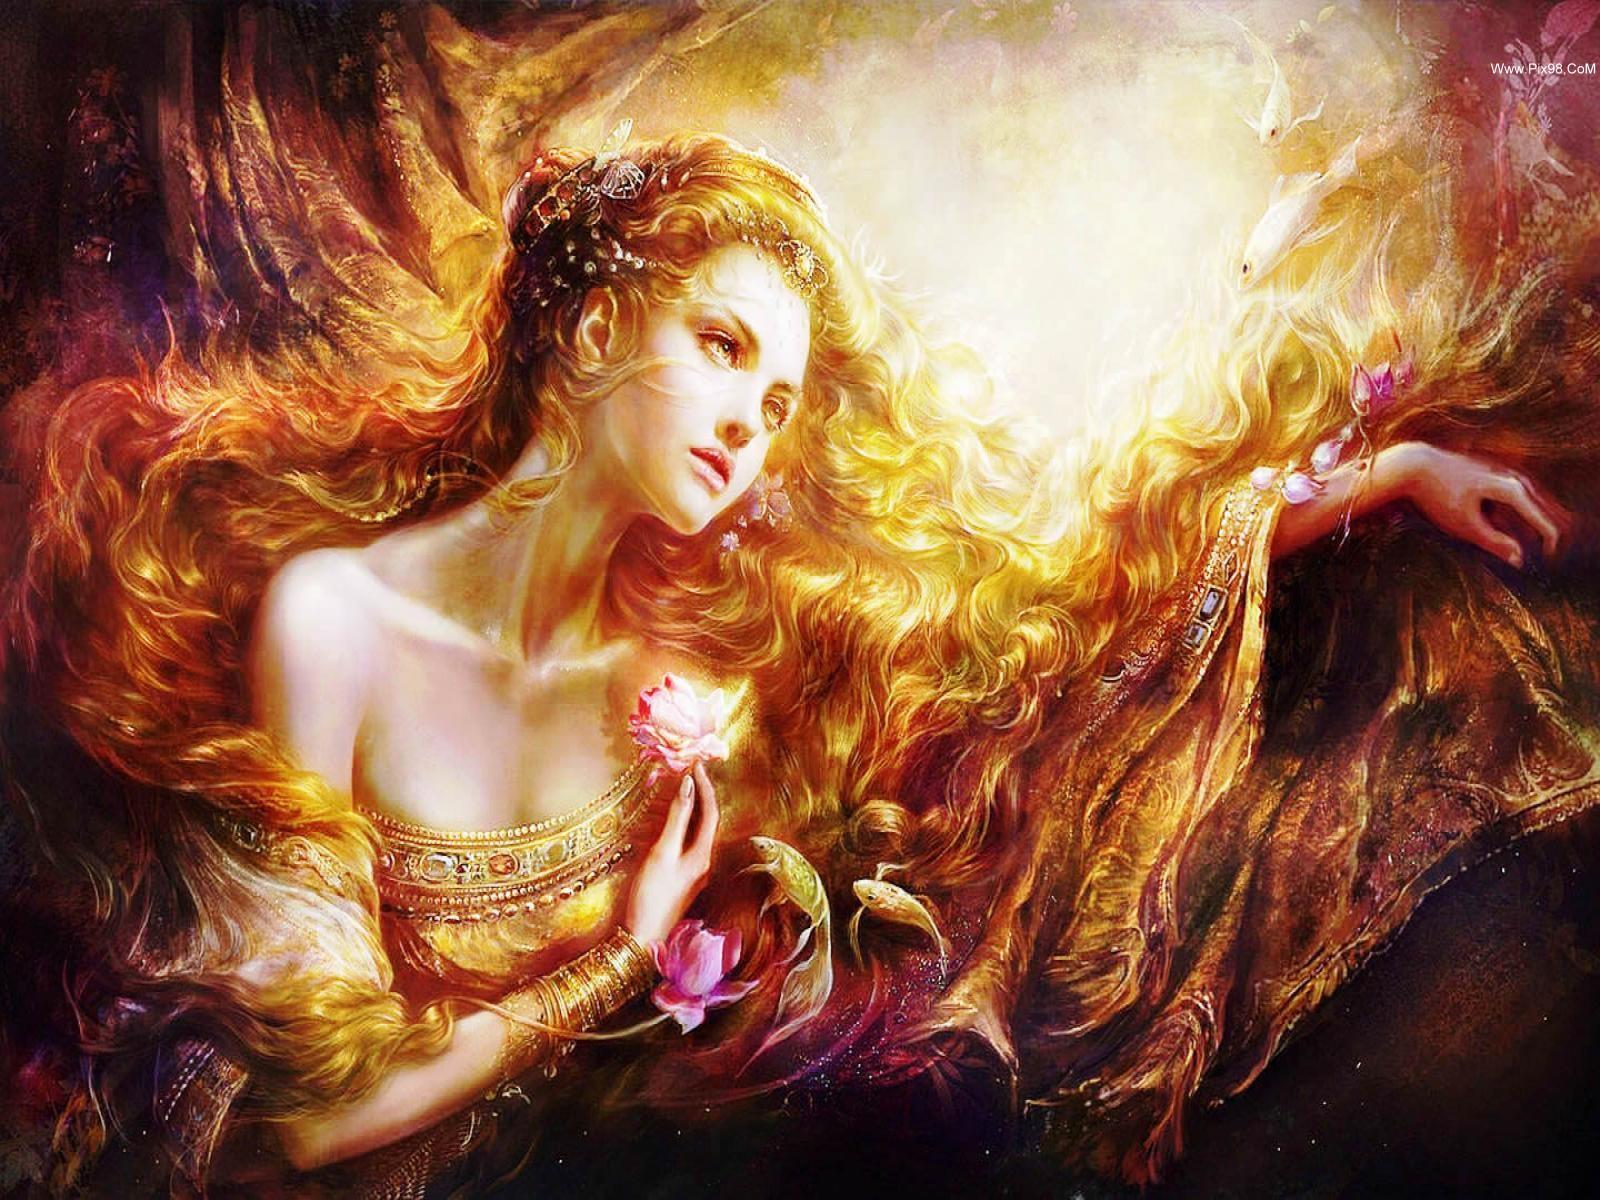 Fantasy - Wom  en  Wallpaper